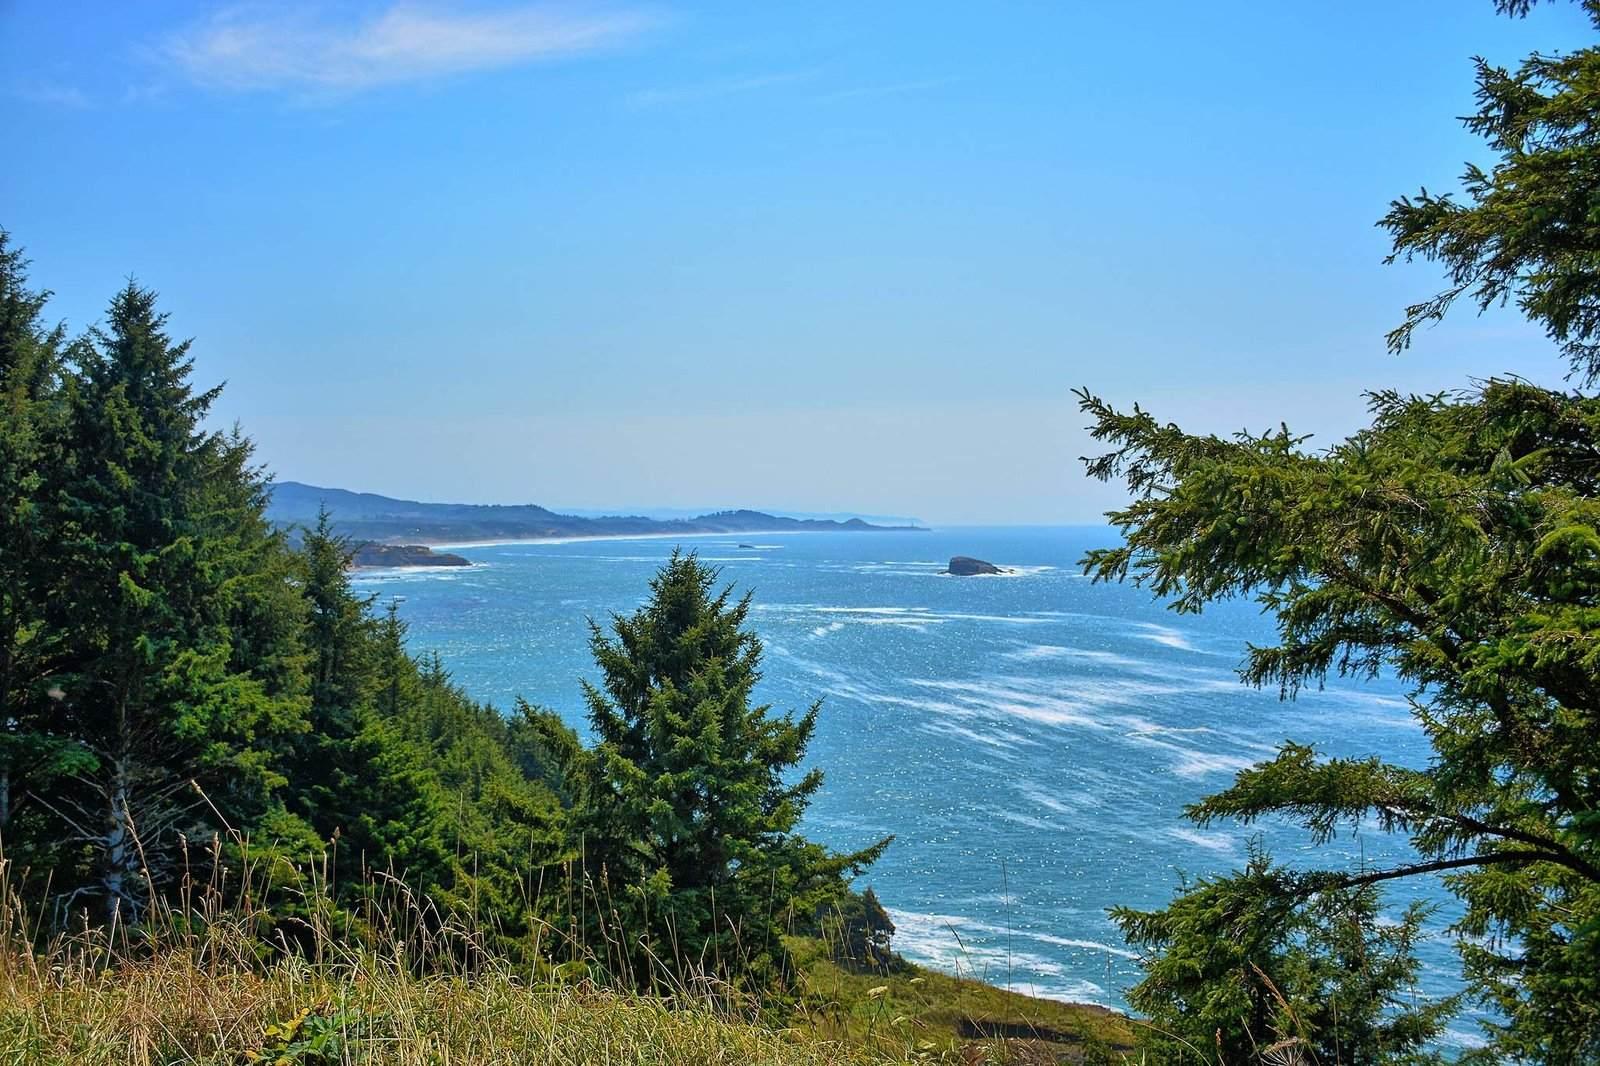 oregon coast13 Day at Oregon Coast